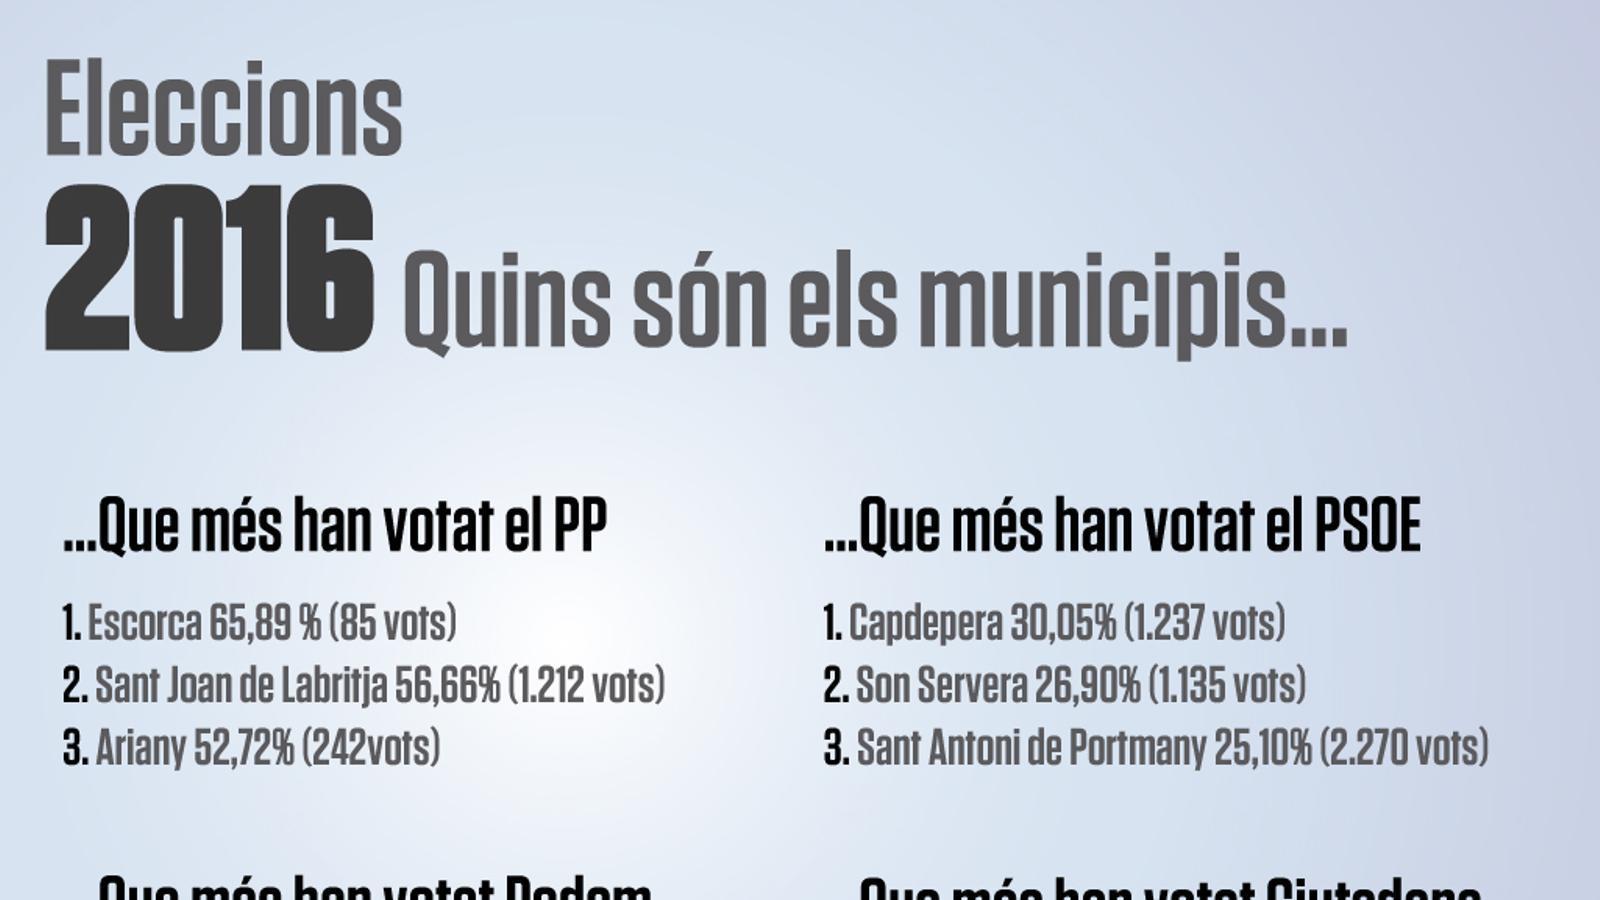 Quins són els municipis que més...